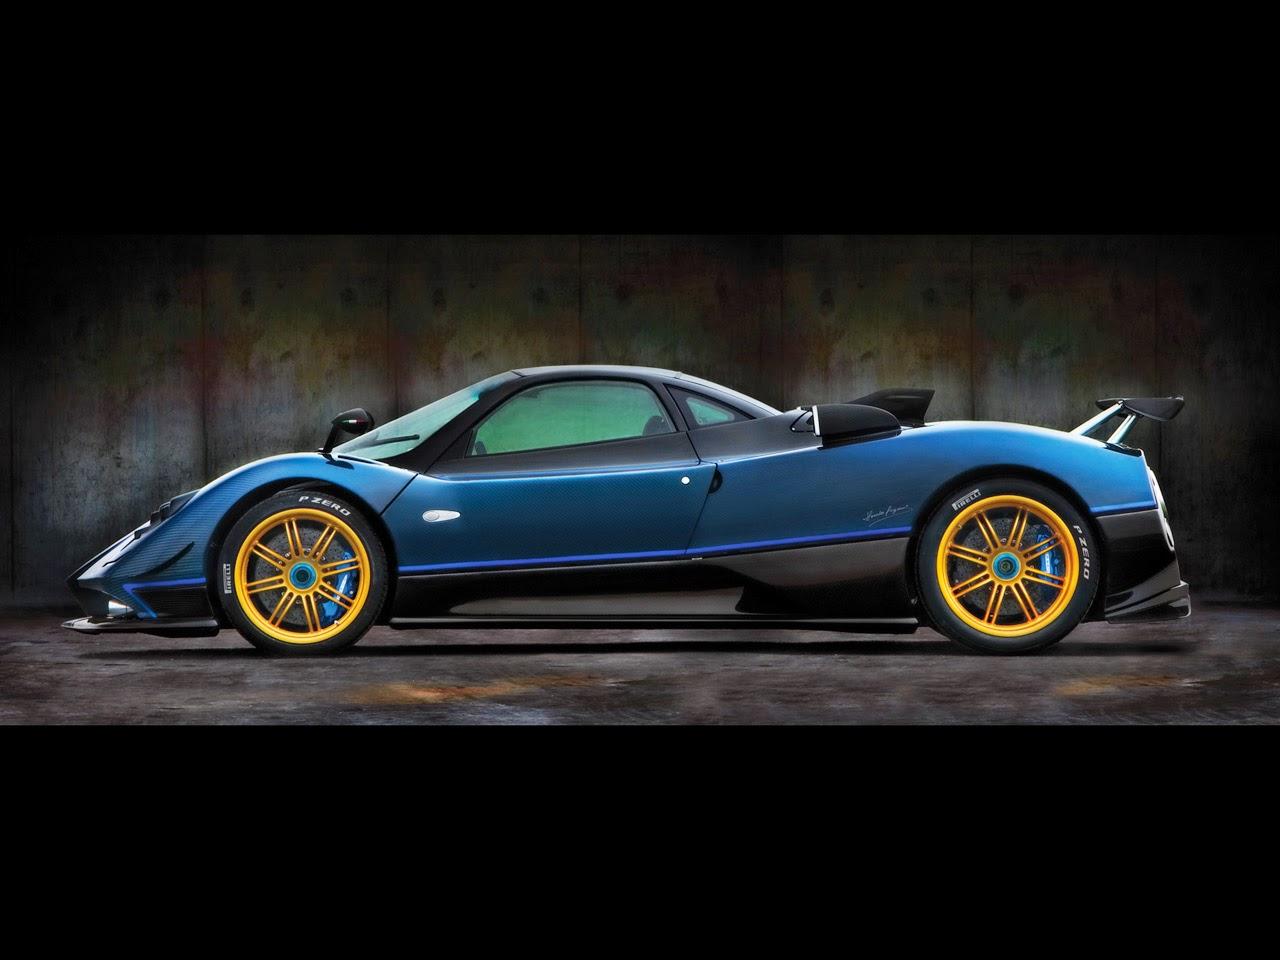 10+ 3D Wallpapers Car Sport Desktop Download Free Best Top